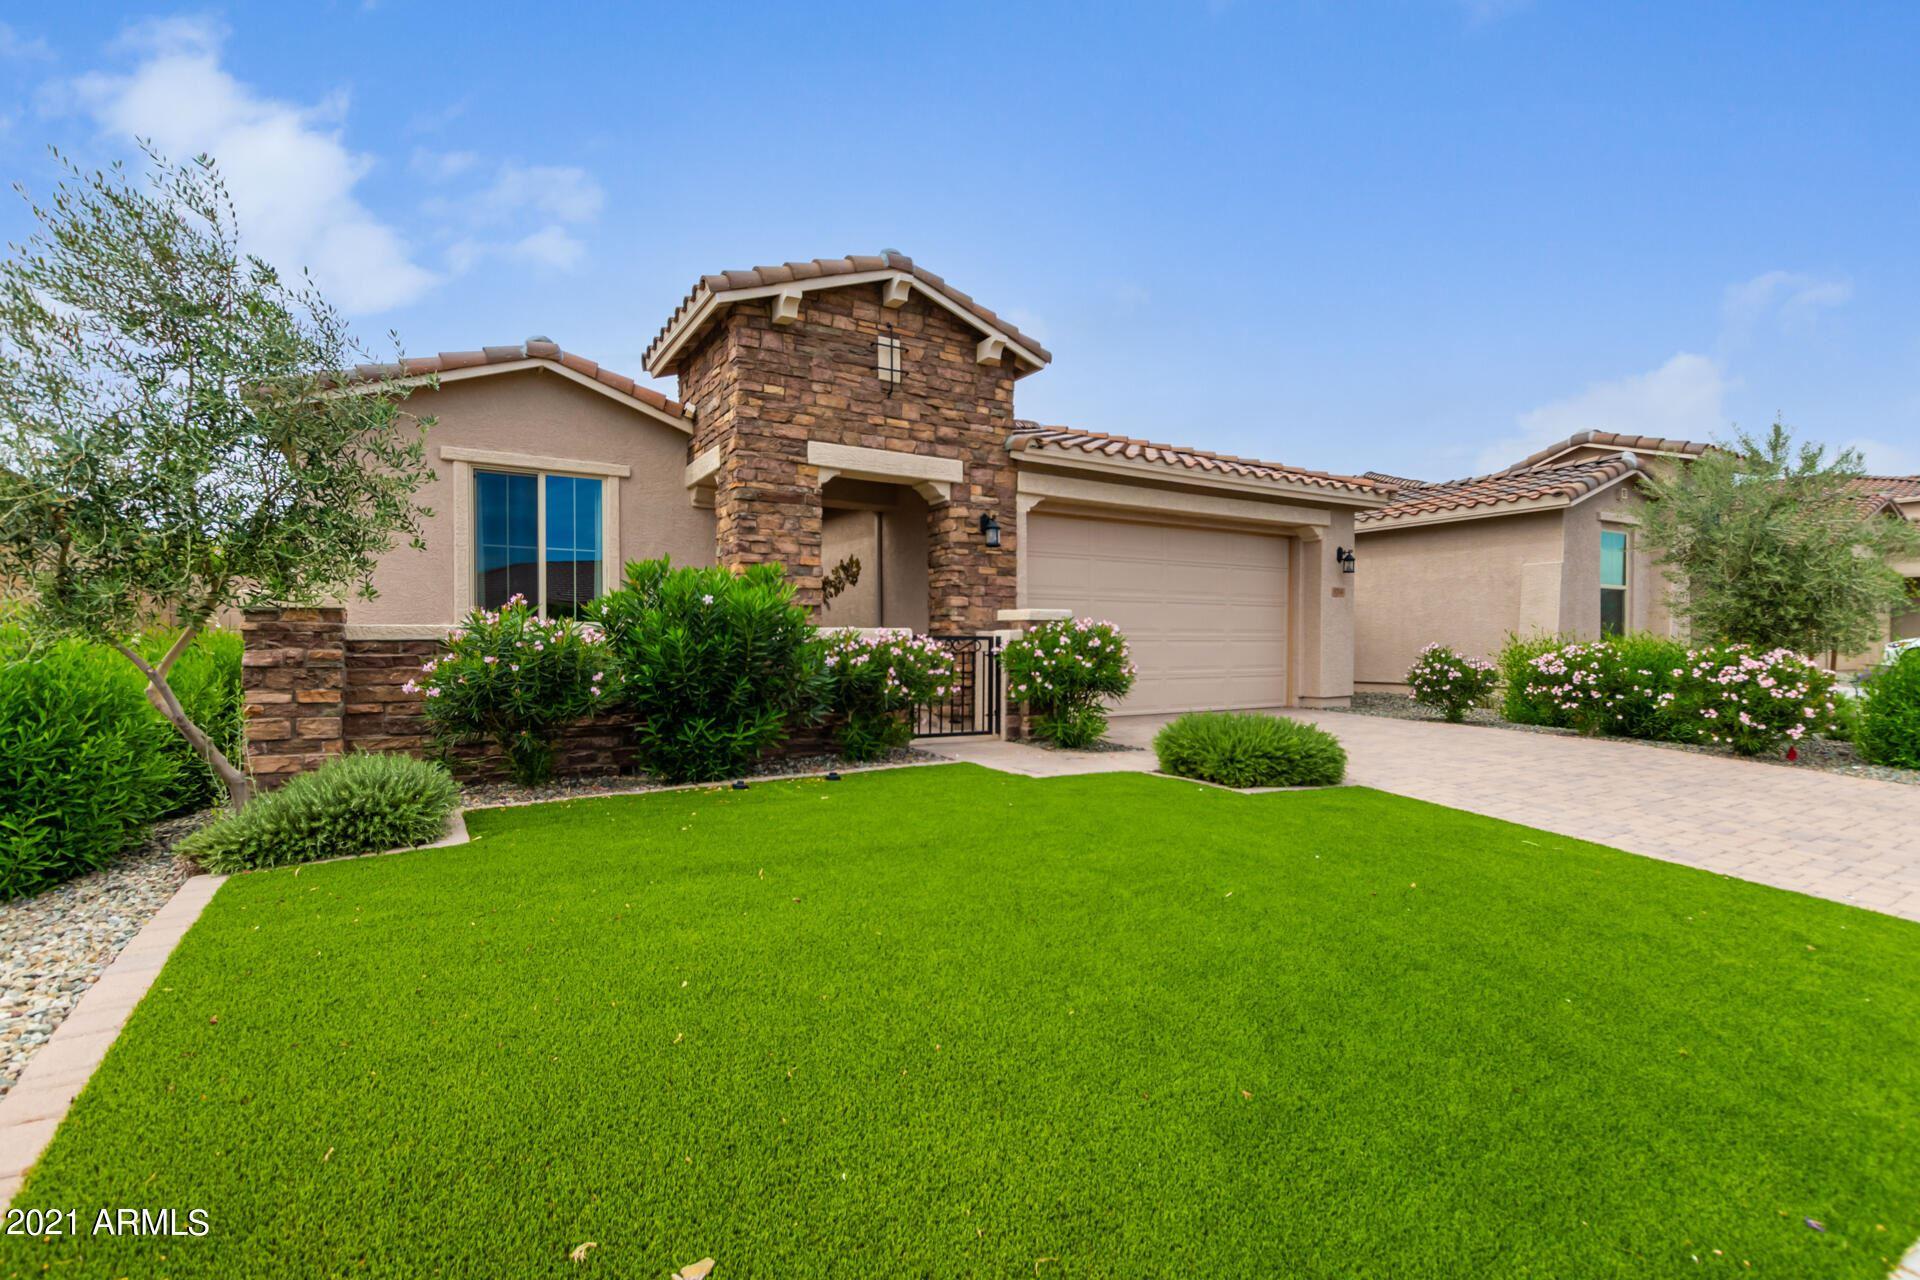 Photo of 5214 N 188th Lane, Litchfield Park, AZ 85340 (MLS # 6305711)